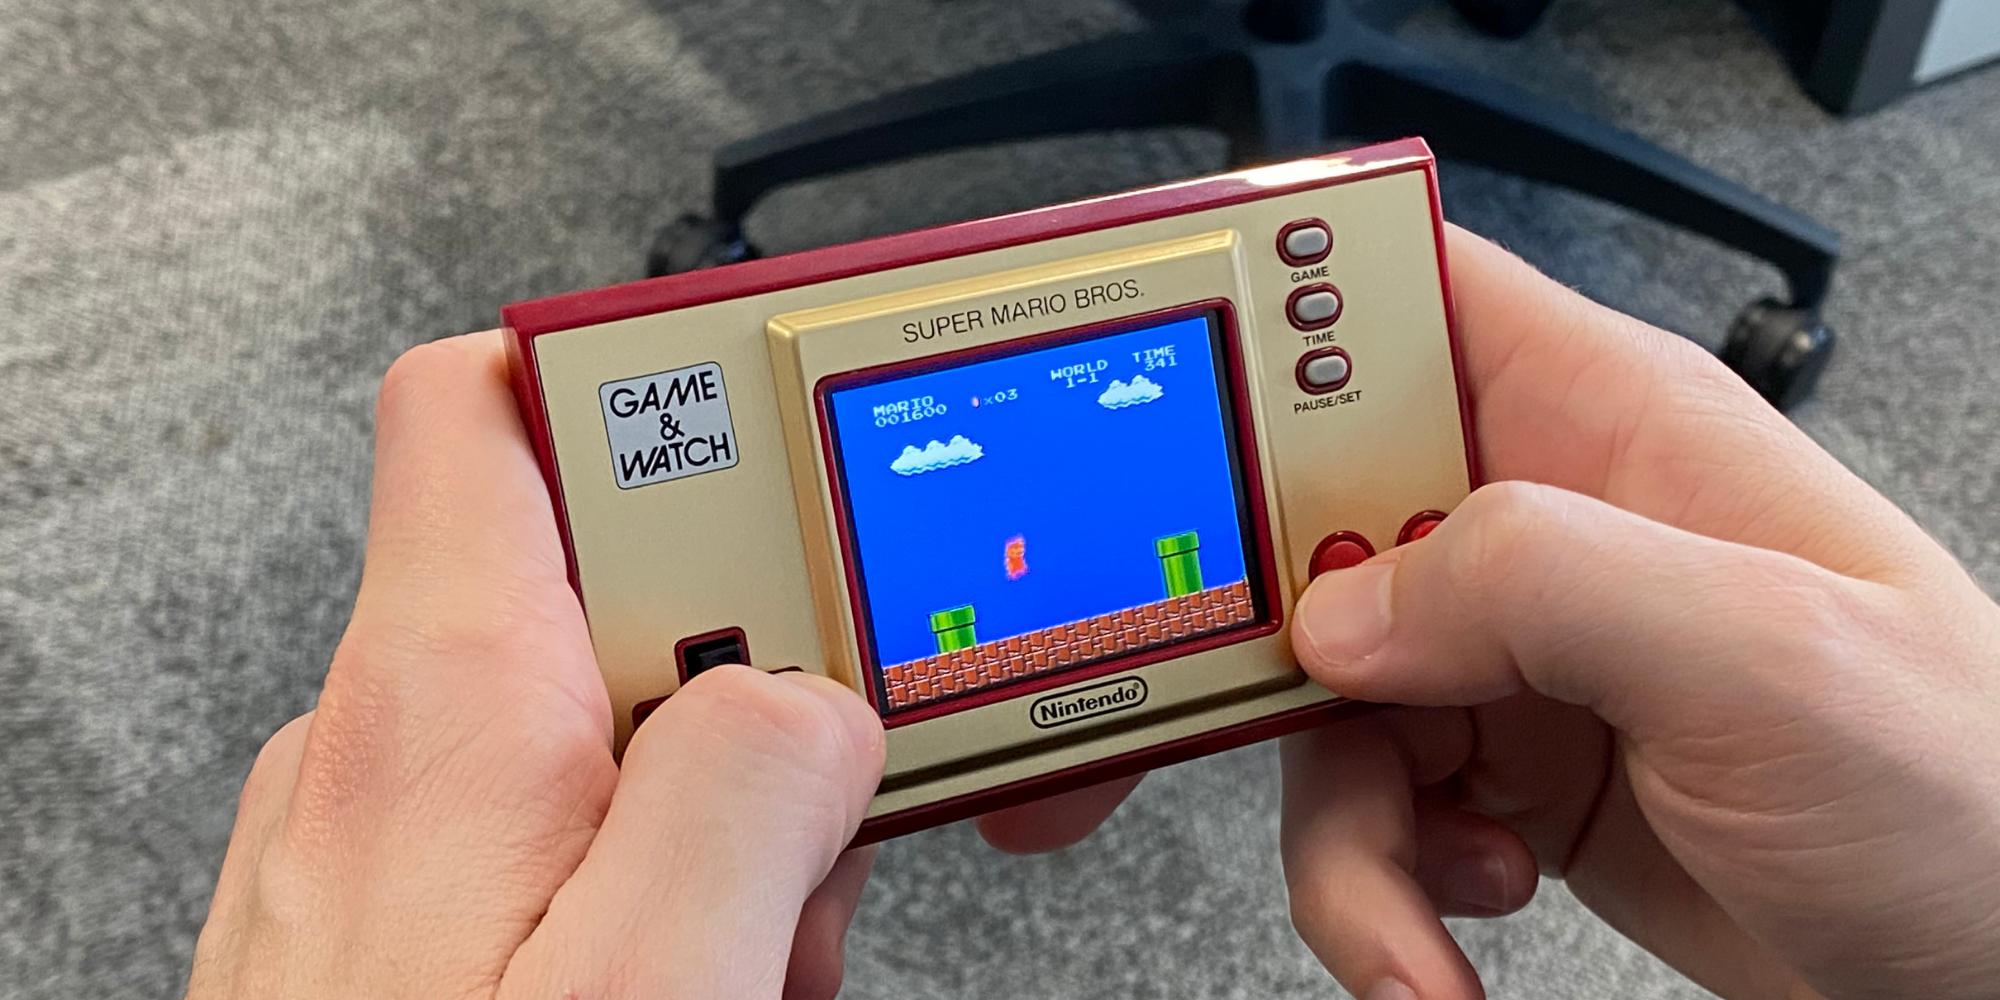 Nintendo réédite la Game & Watch, cadeau idéal pour les nostalgiques de Super Mario Bros.